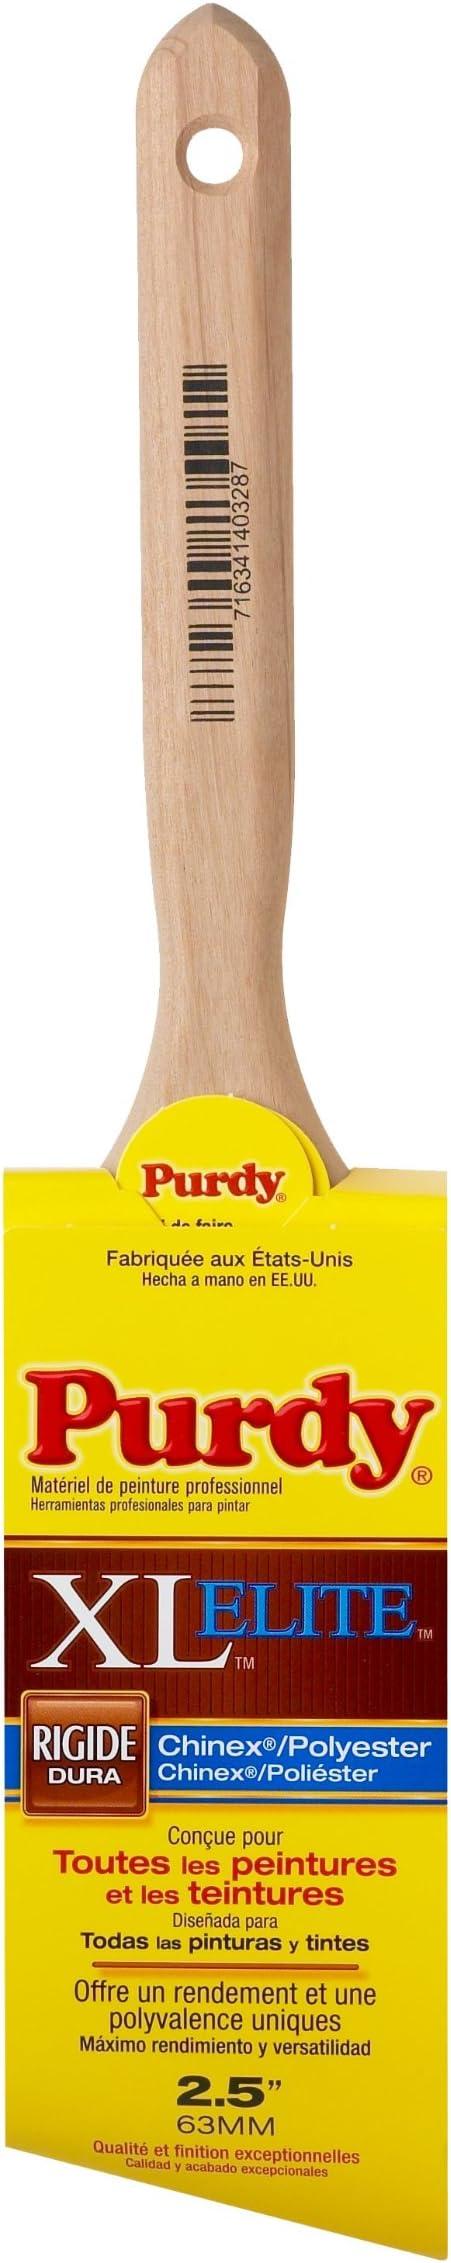 Purdy 234040 Elite Monarch Pinceau XL 10 cm